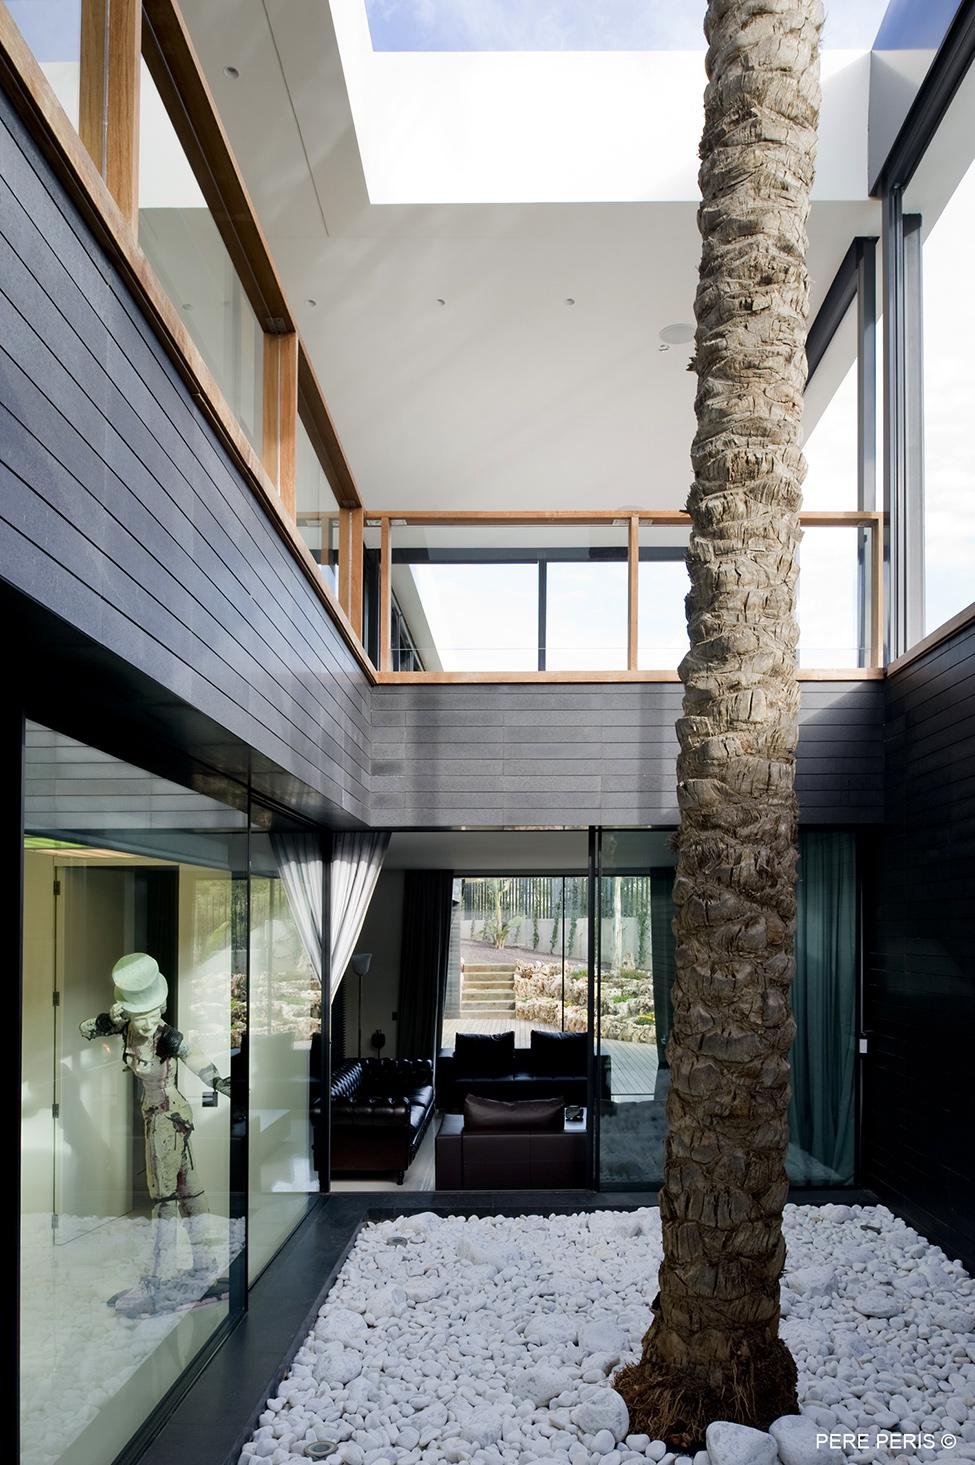 Moderna-minimalistichna-arhitektura-i-interior-servizni-i-zhilishtni-pomeshteniya